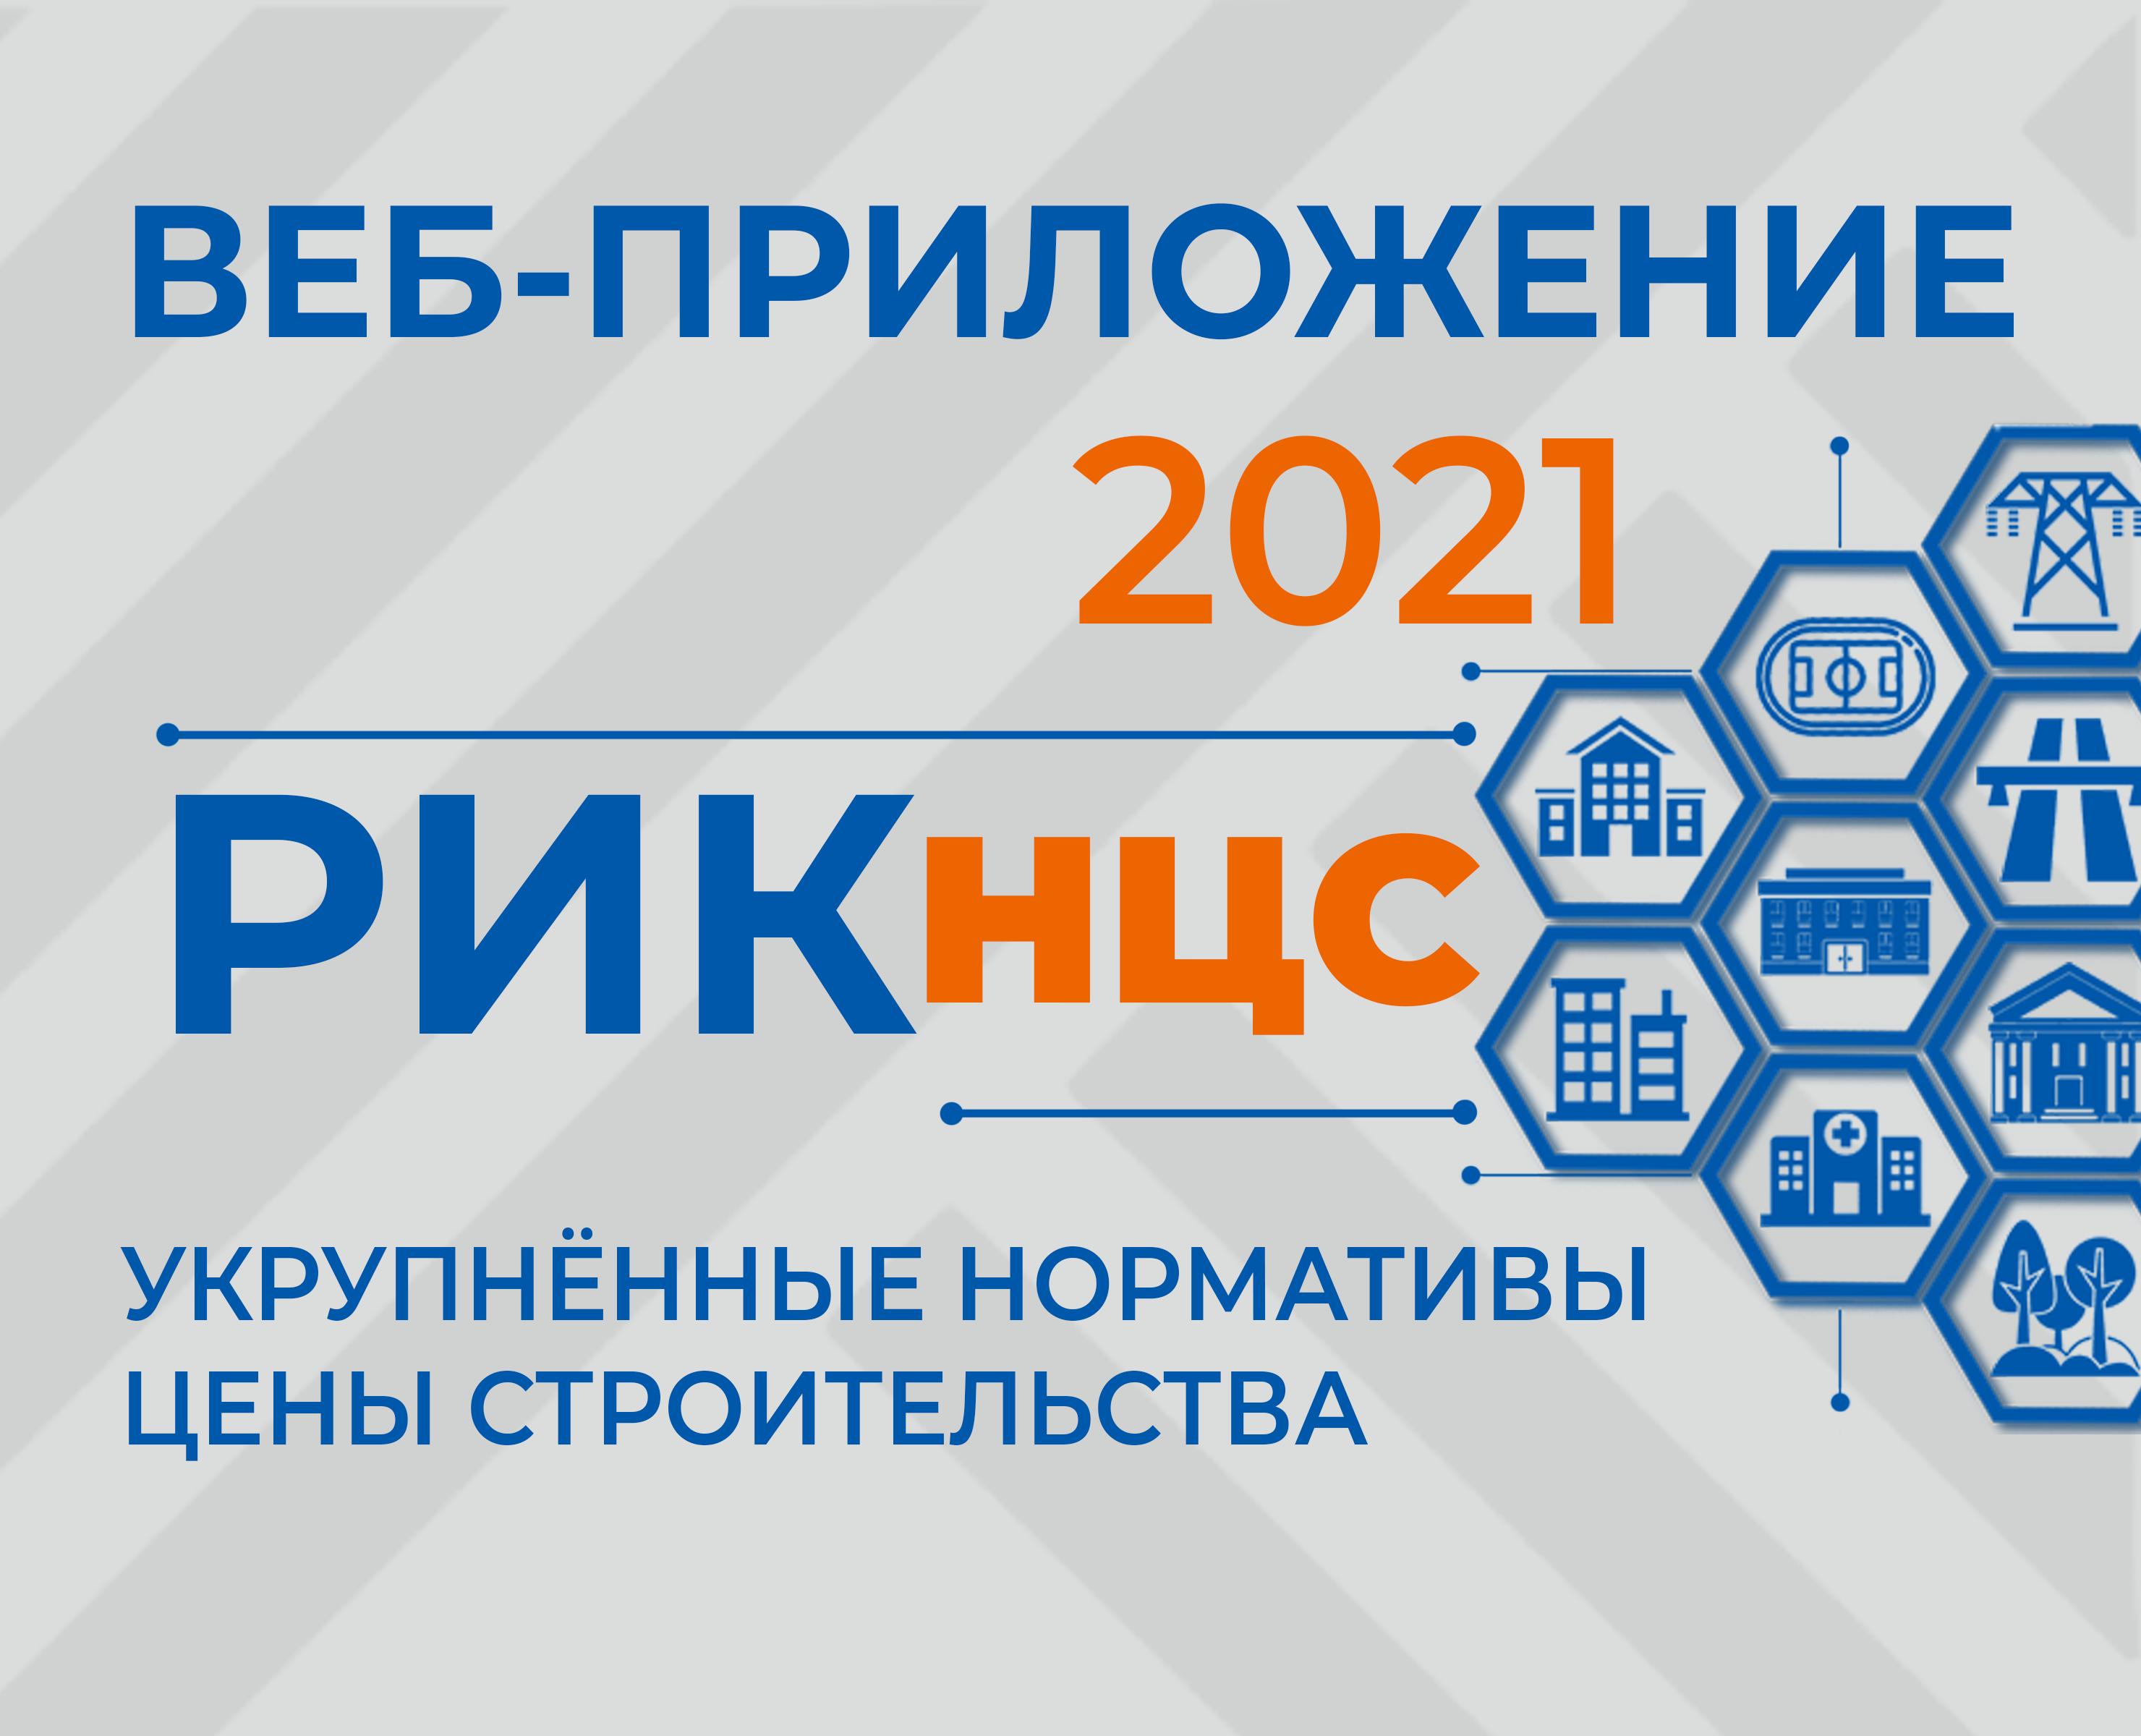 Веб-приложение «РИК НЦС» это функциональная сметная программа для определения стоимости нового строительства на основе укрупненных нормативов цены строительства (НЦС-2020)